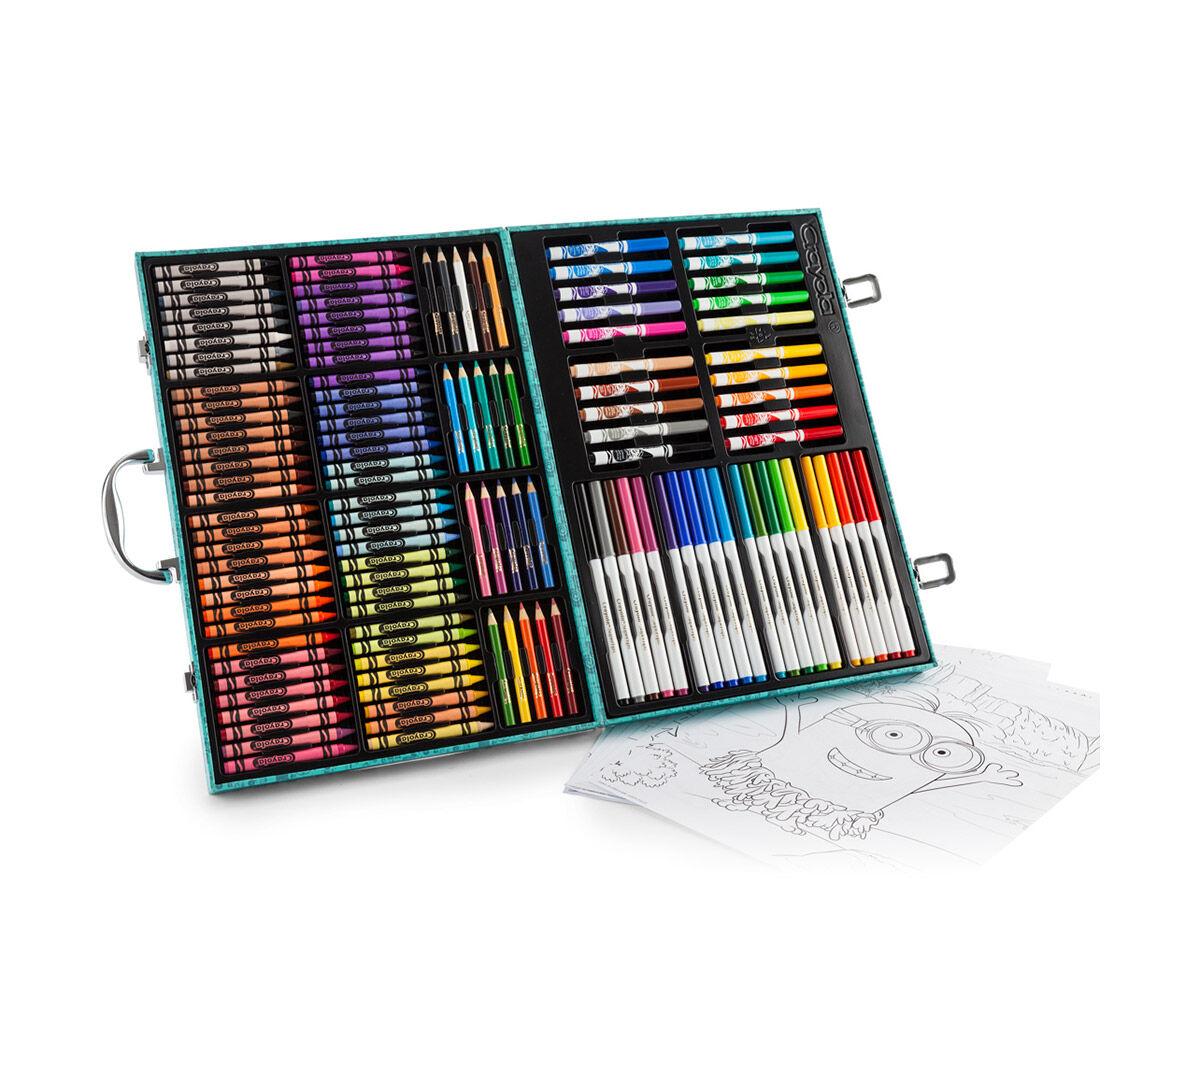 Crayola Coloring Set